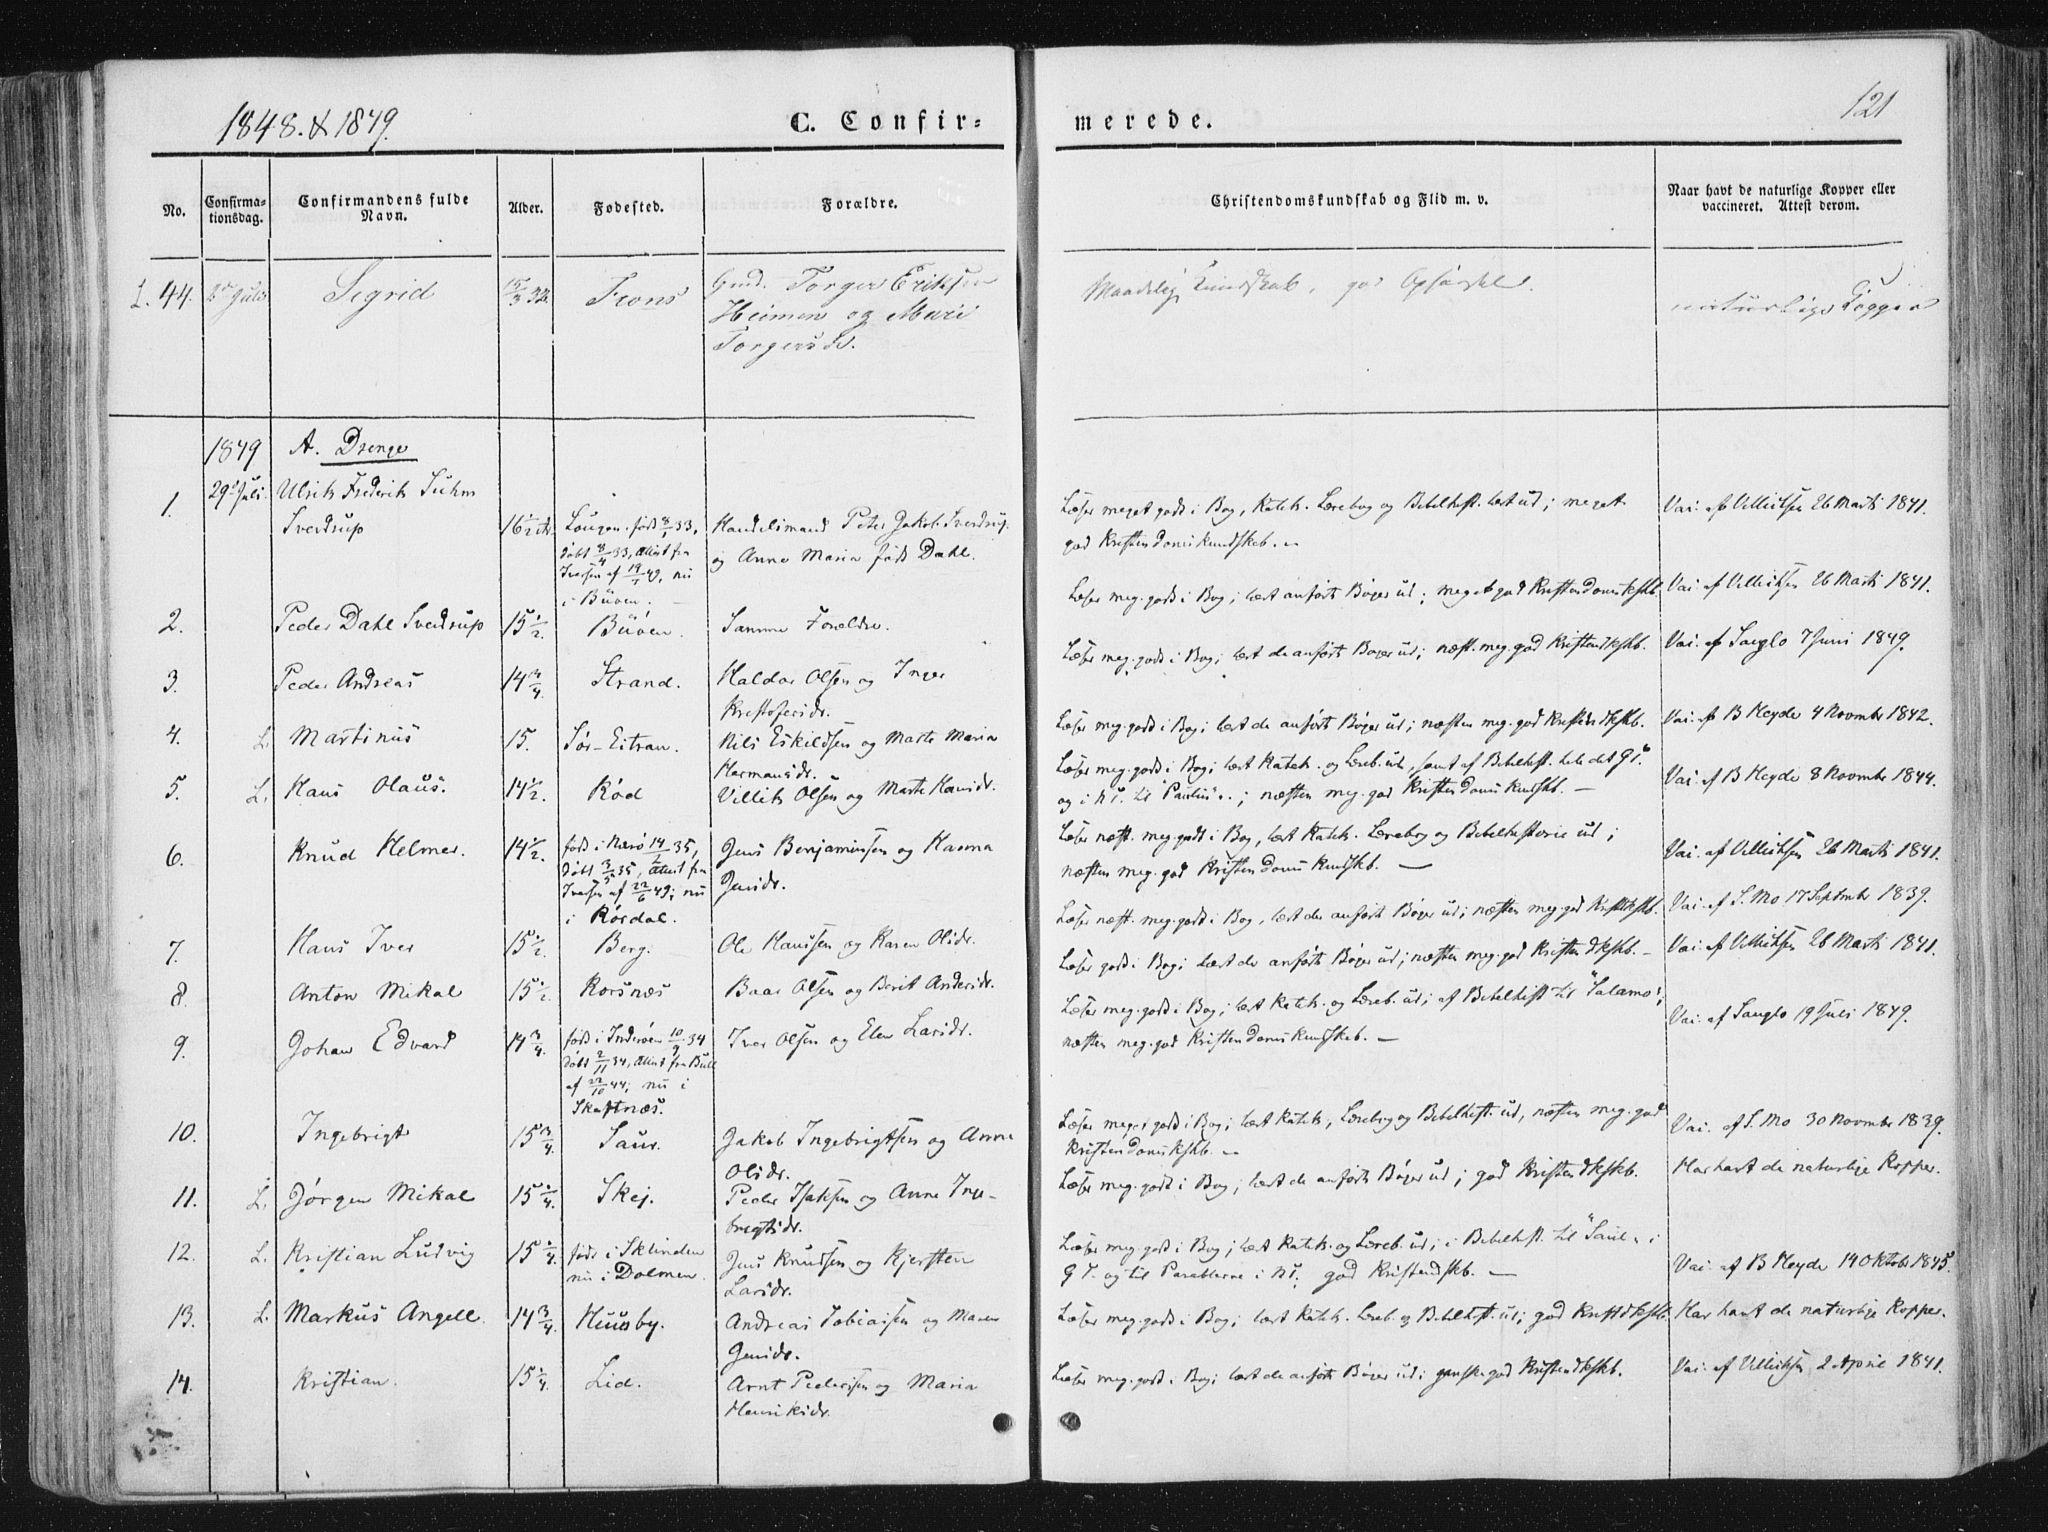 SAT, Ministerialprotokoller, klokkerbøker og fødselsregistre - Nord-Trøndelag, 780/L0640: Ministerialbok nr. 780A05, 1845-1856, s. 121